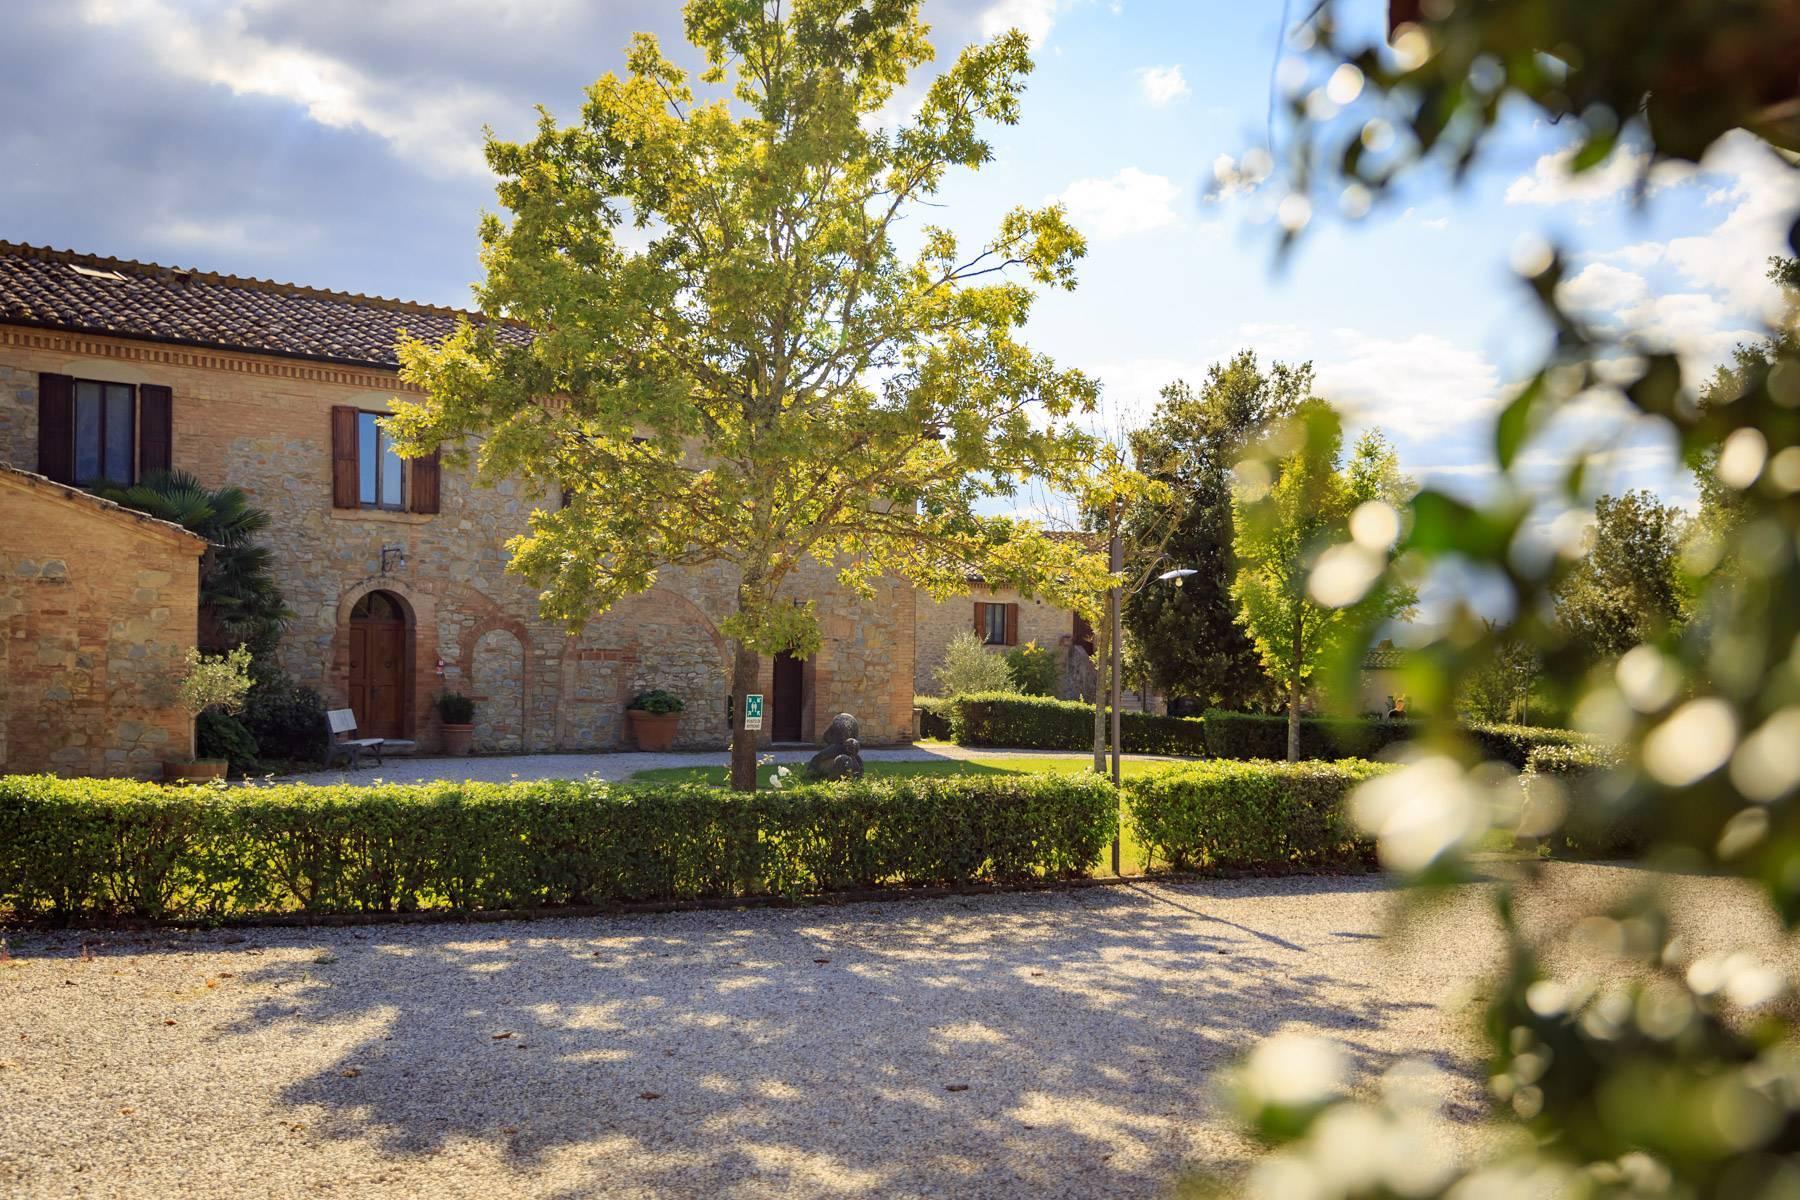 Exklusives Anwesen in der Nähe von Siena - 7